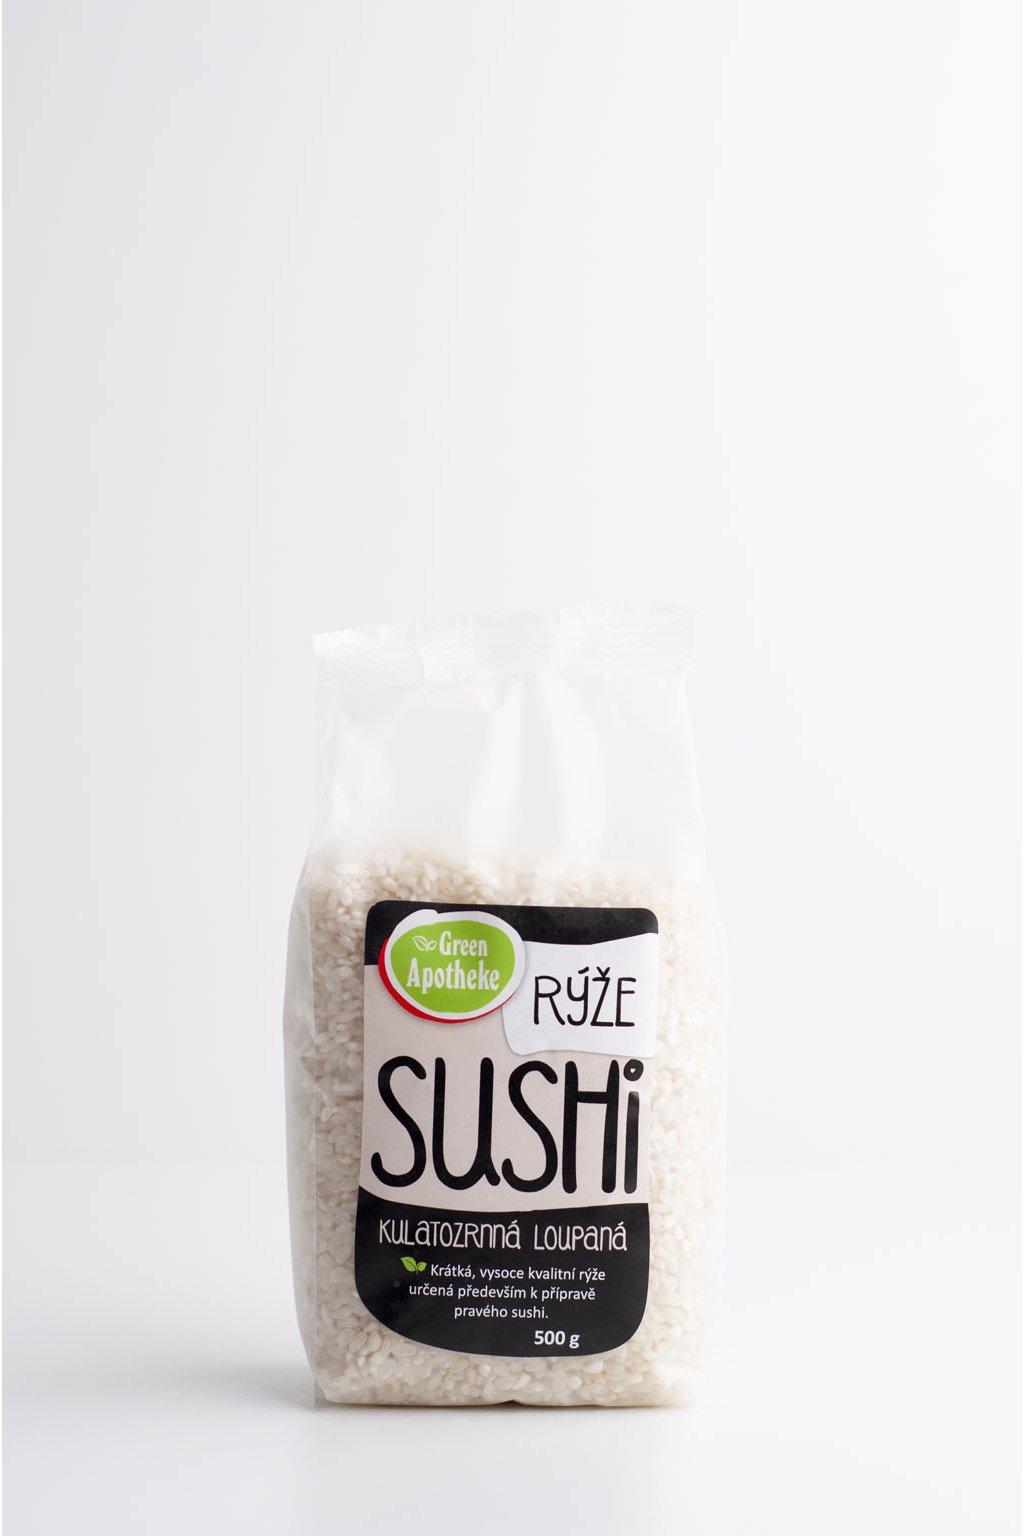 Sushi ryža - 500g